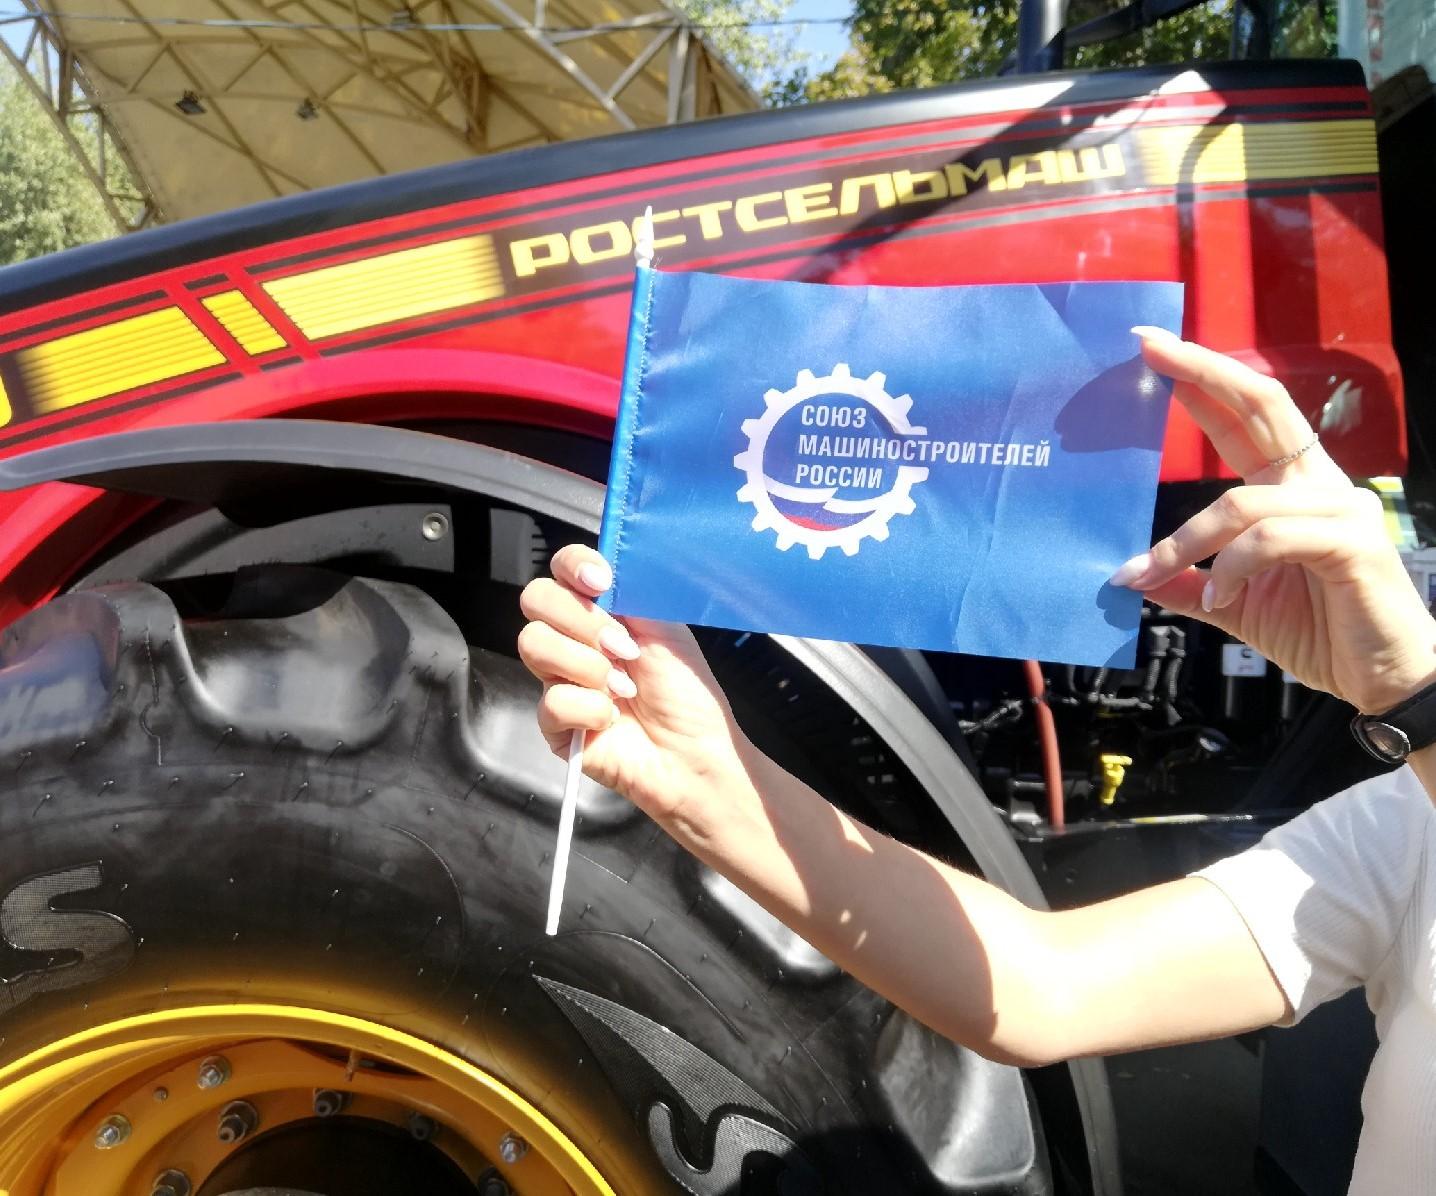 """Выставка сельхозтехники и самый большой каравай: """"Ростсельмаш"""" поздравил ростовчан с Днём города"""